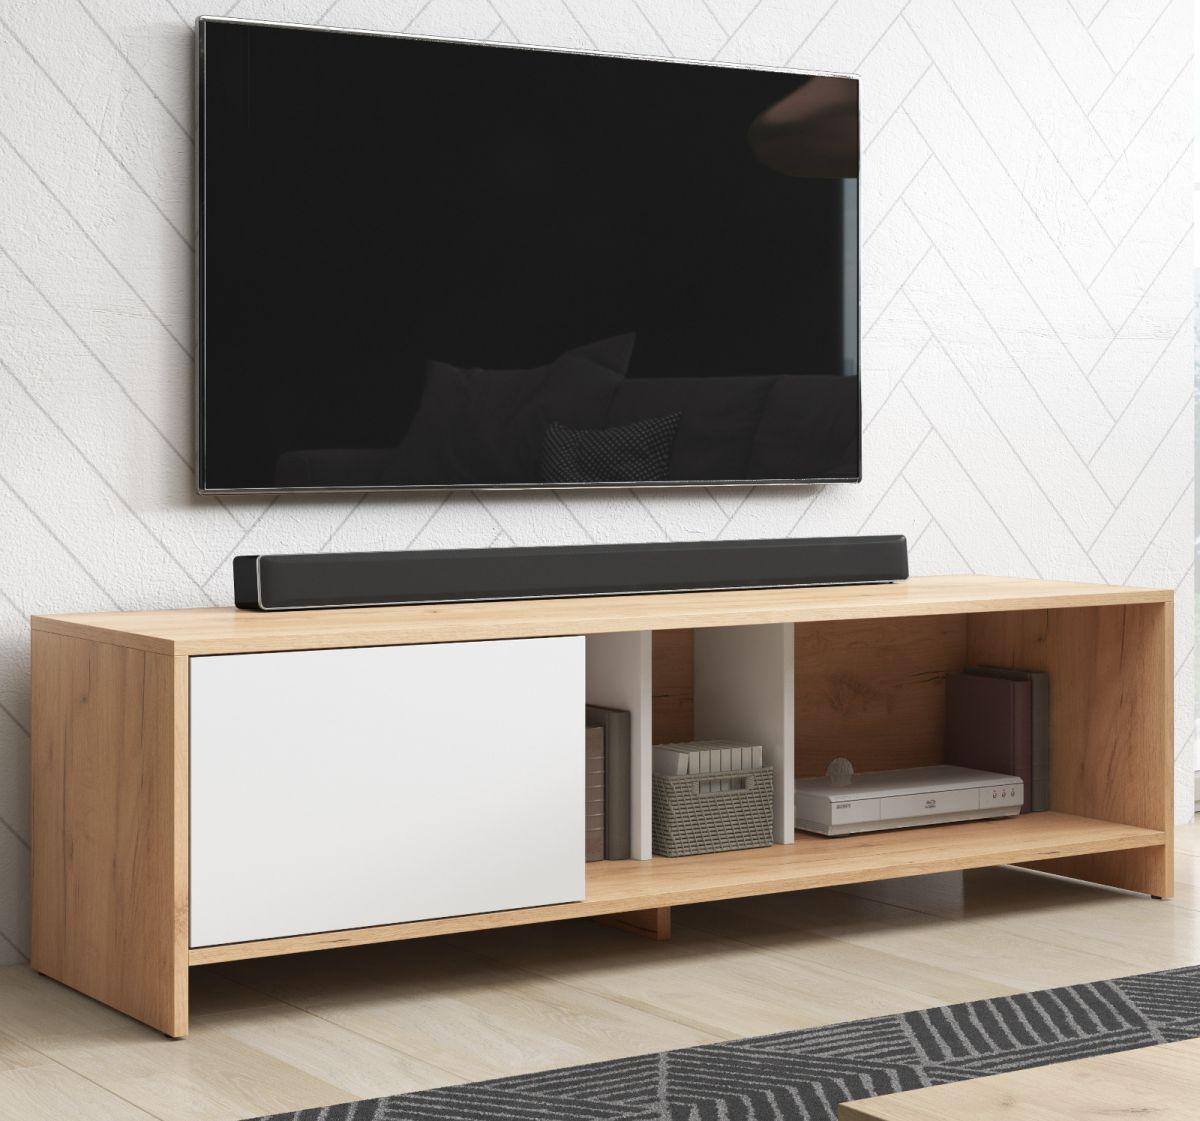 TV-Lowboard Steena in Wotan Eiche und weiss 140 cm